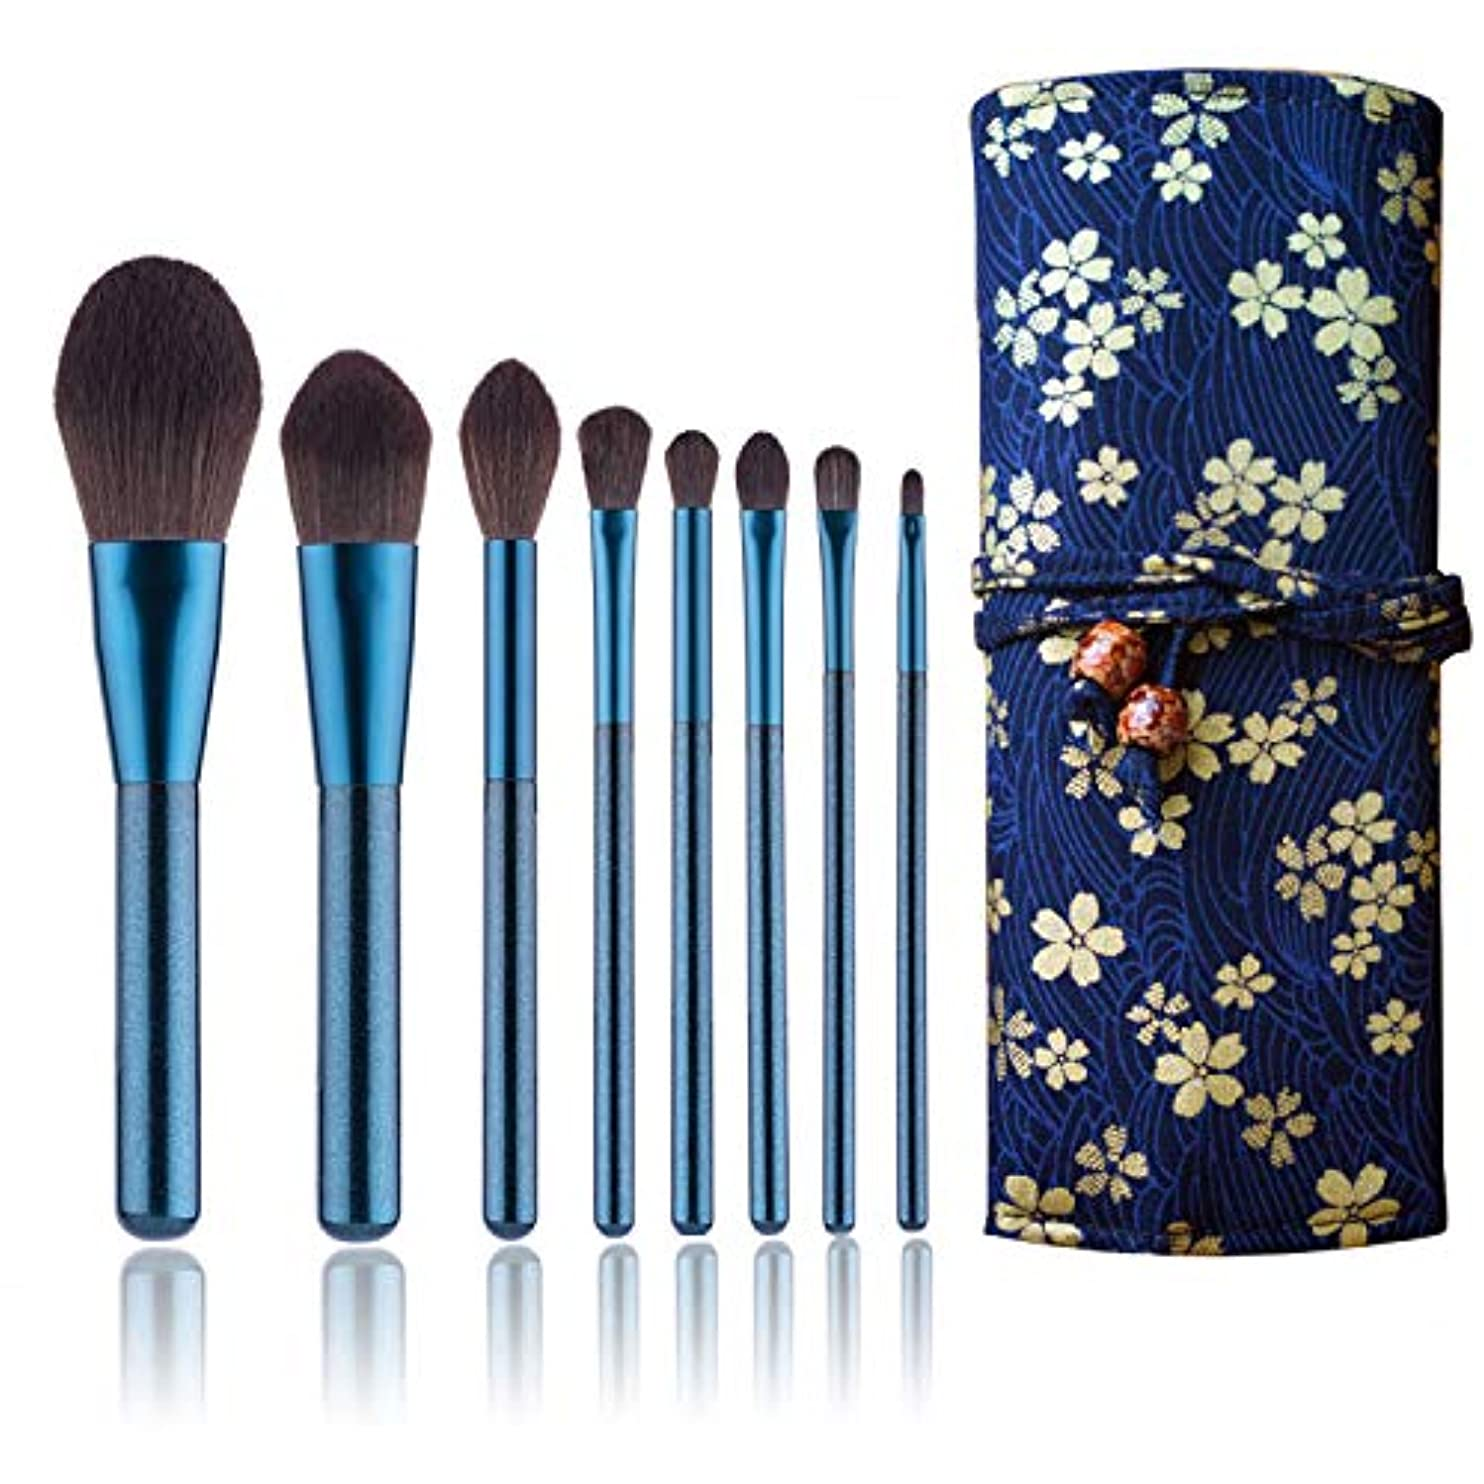 法的鏡期待するZOE·Y メイクブラシ 8本セット 化粧ブラシ 柔らかい 化粧筆 可愛い 化粧ポーチ付き 携帯便利 誕生日プレゼントゃギフトにもおすすめ makeup brushes